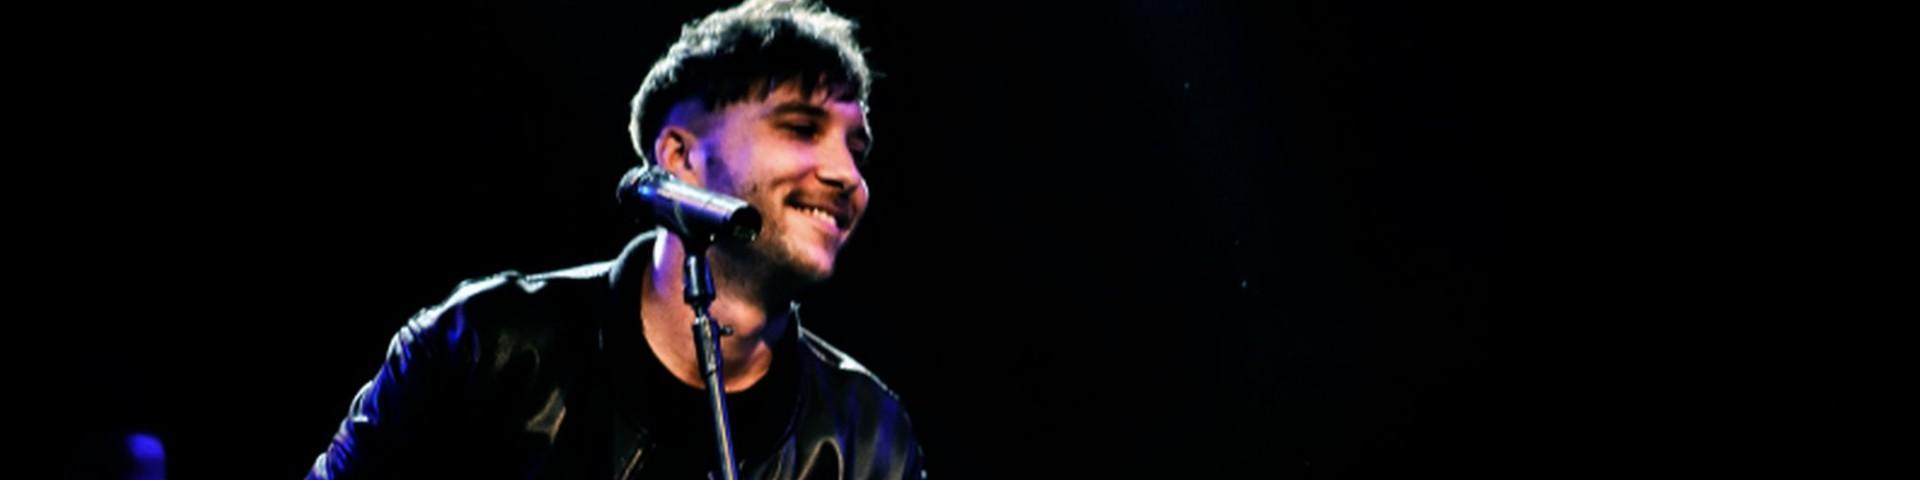 Briga a Milano per un concerto acustico da vero cantautore - Foto